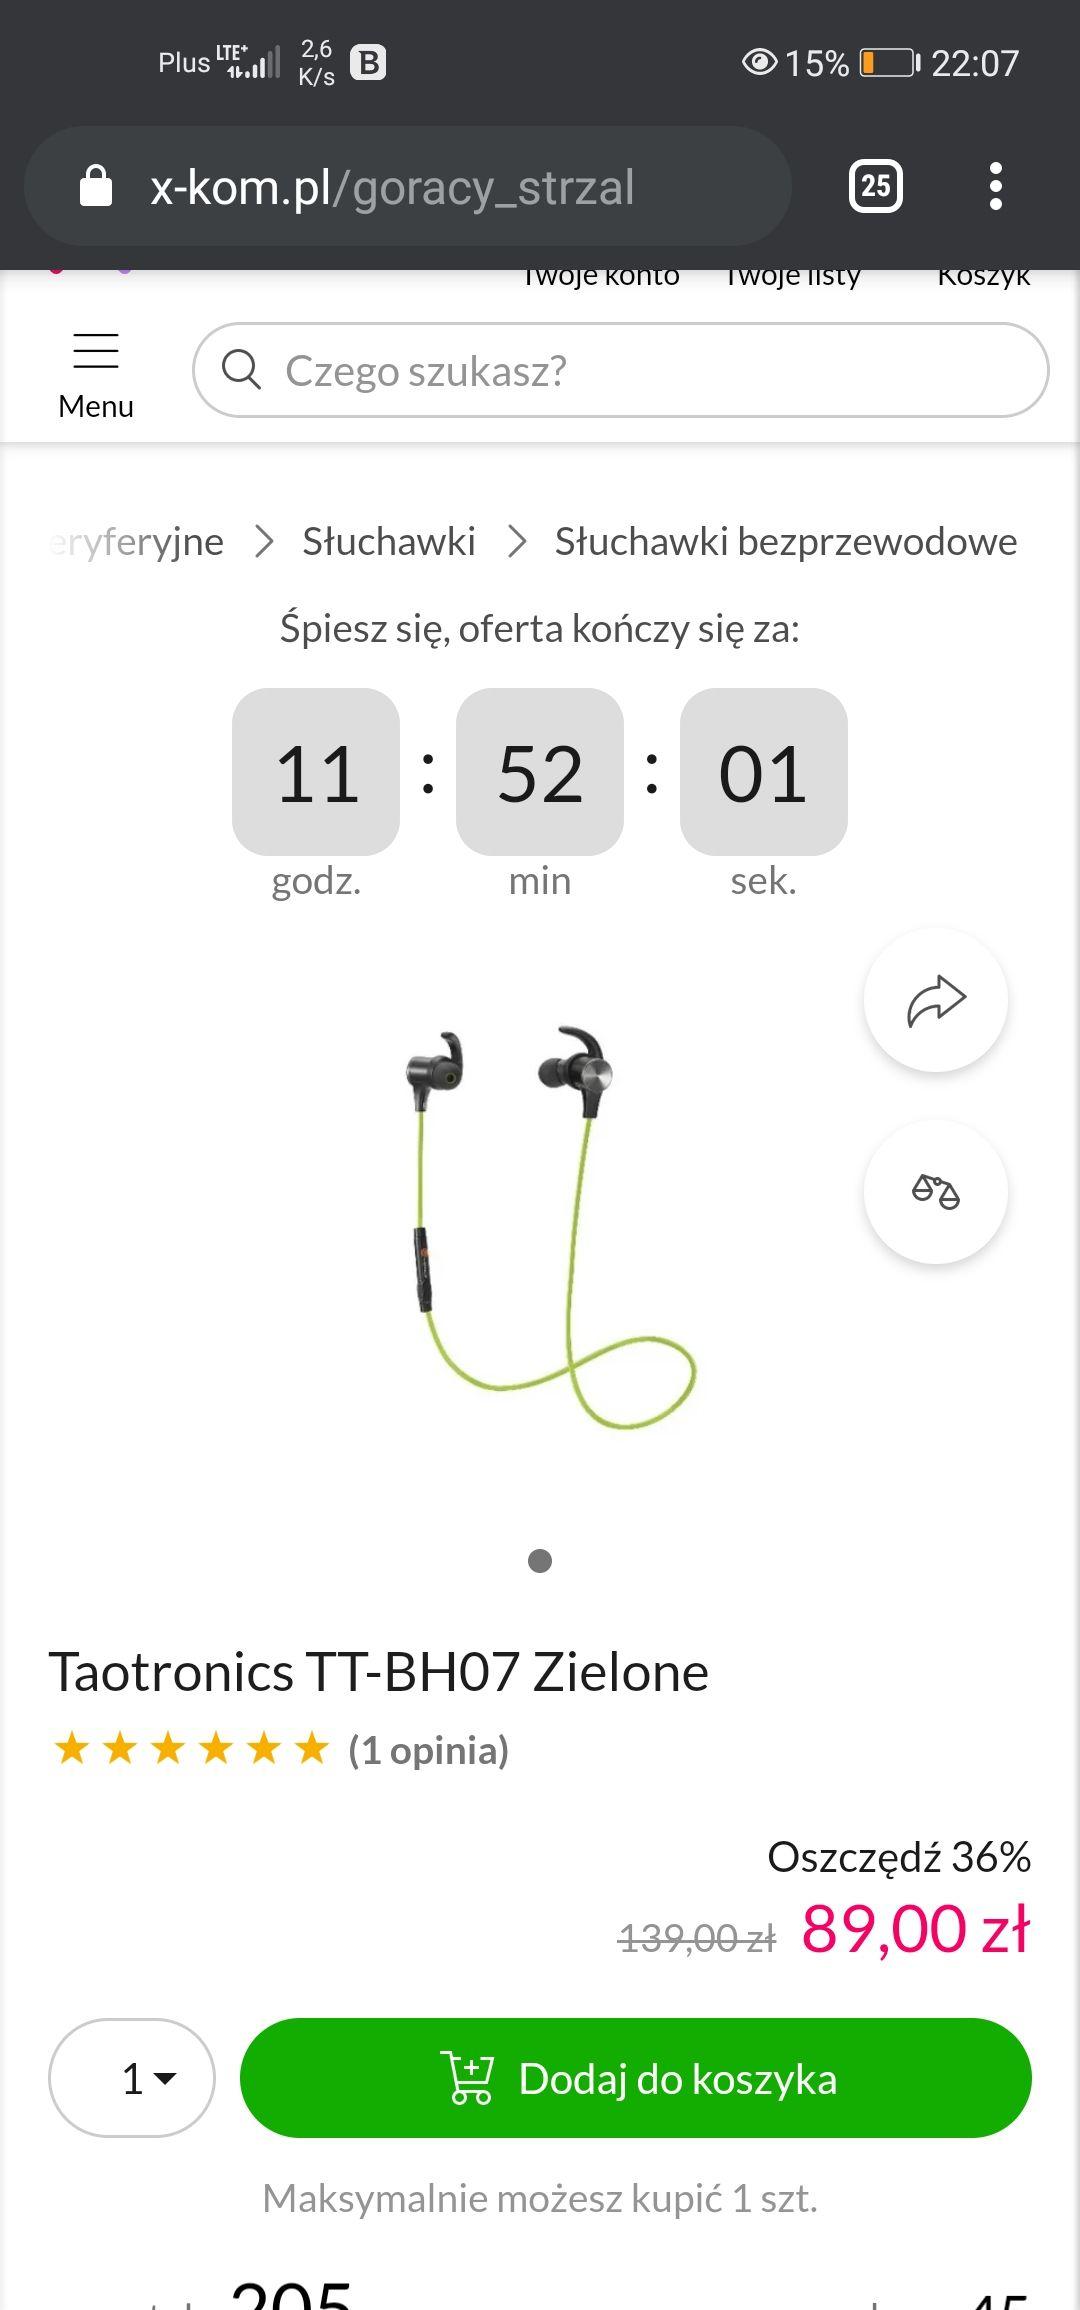 Taotronics TT-BH07 Zielone